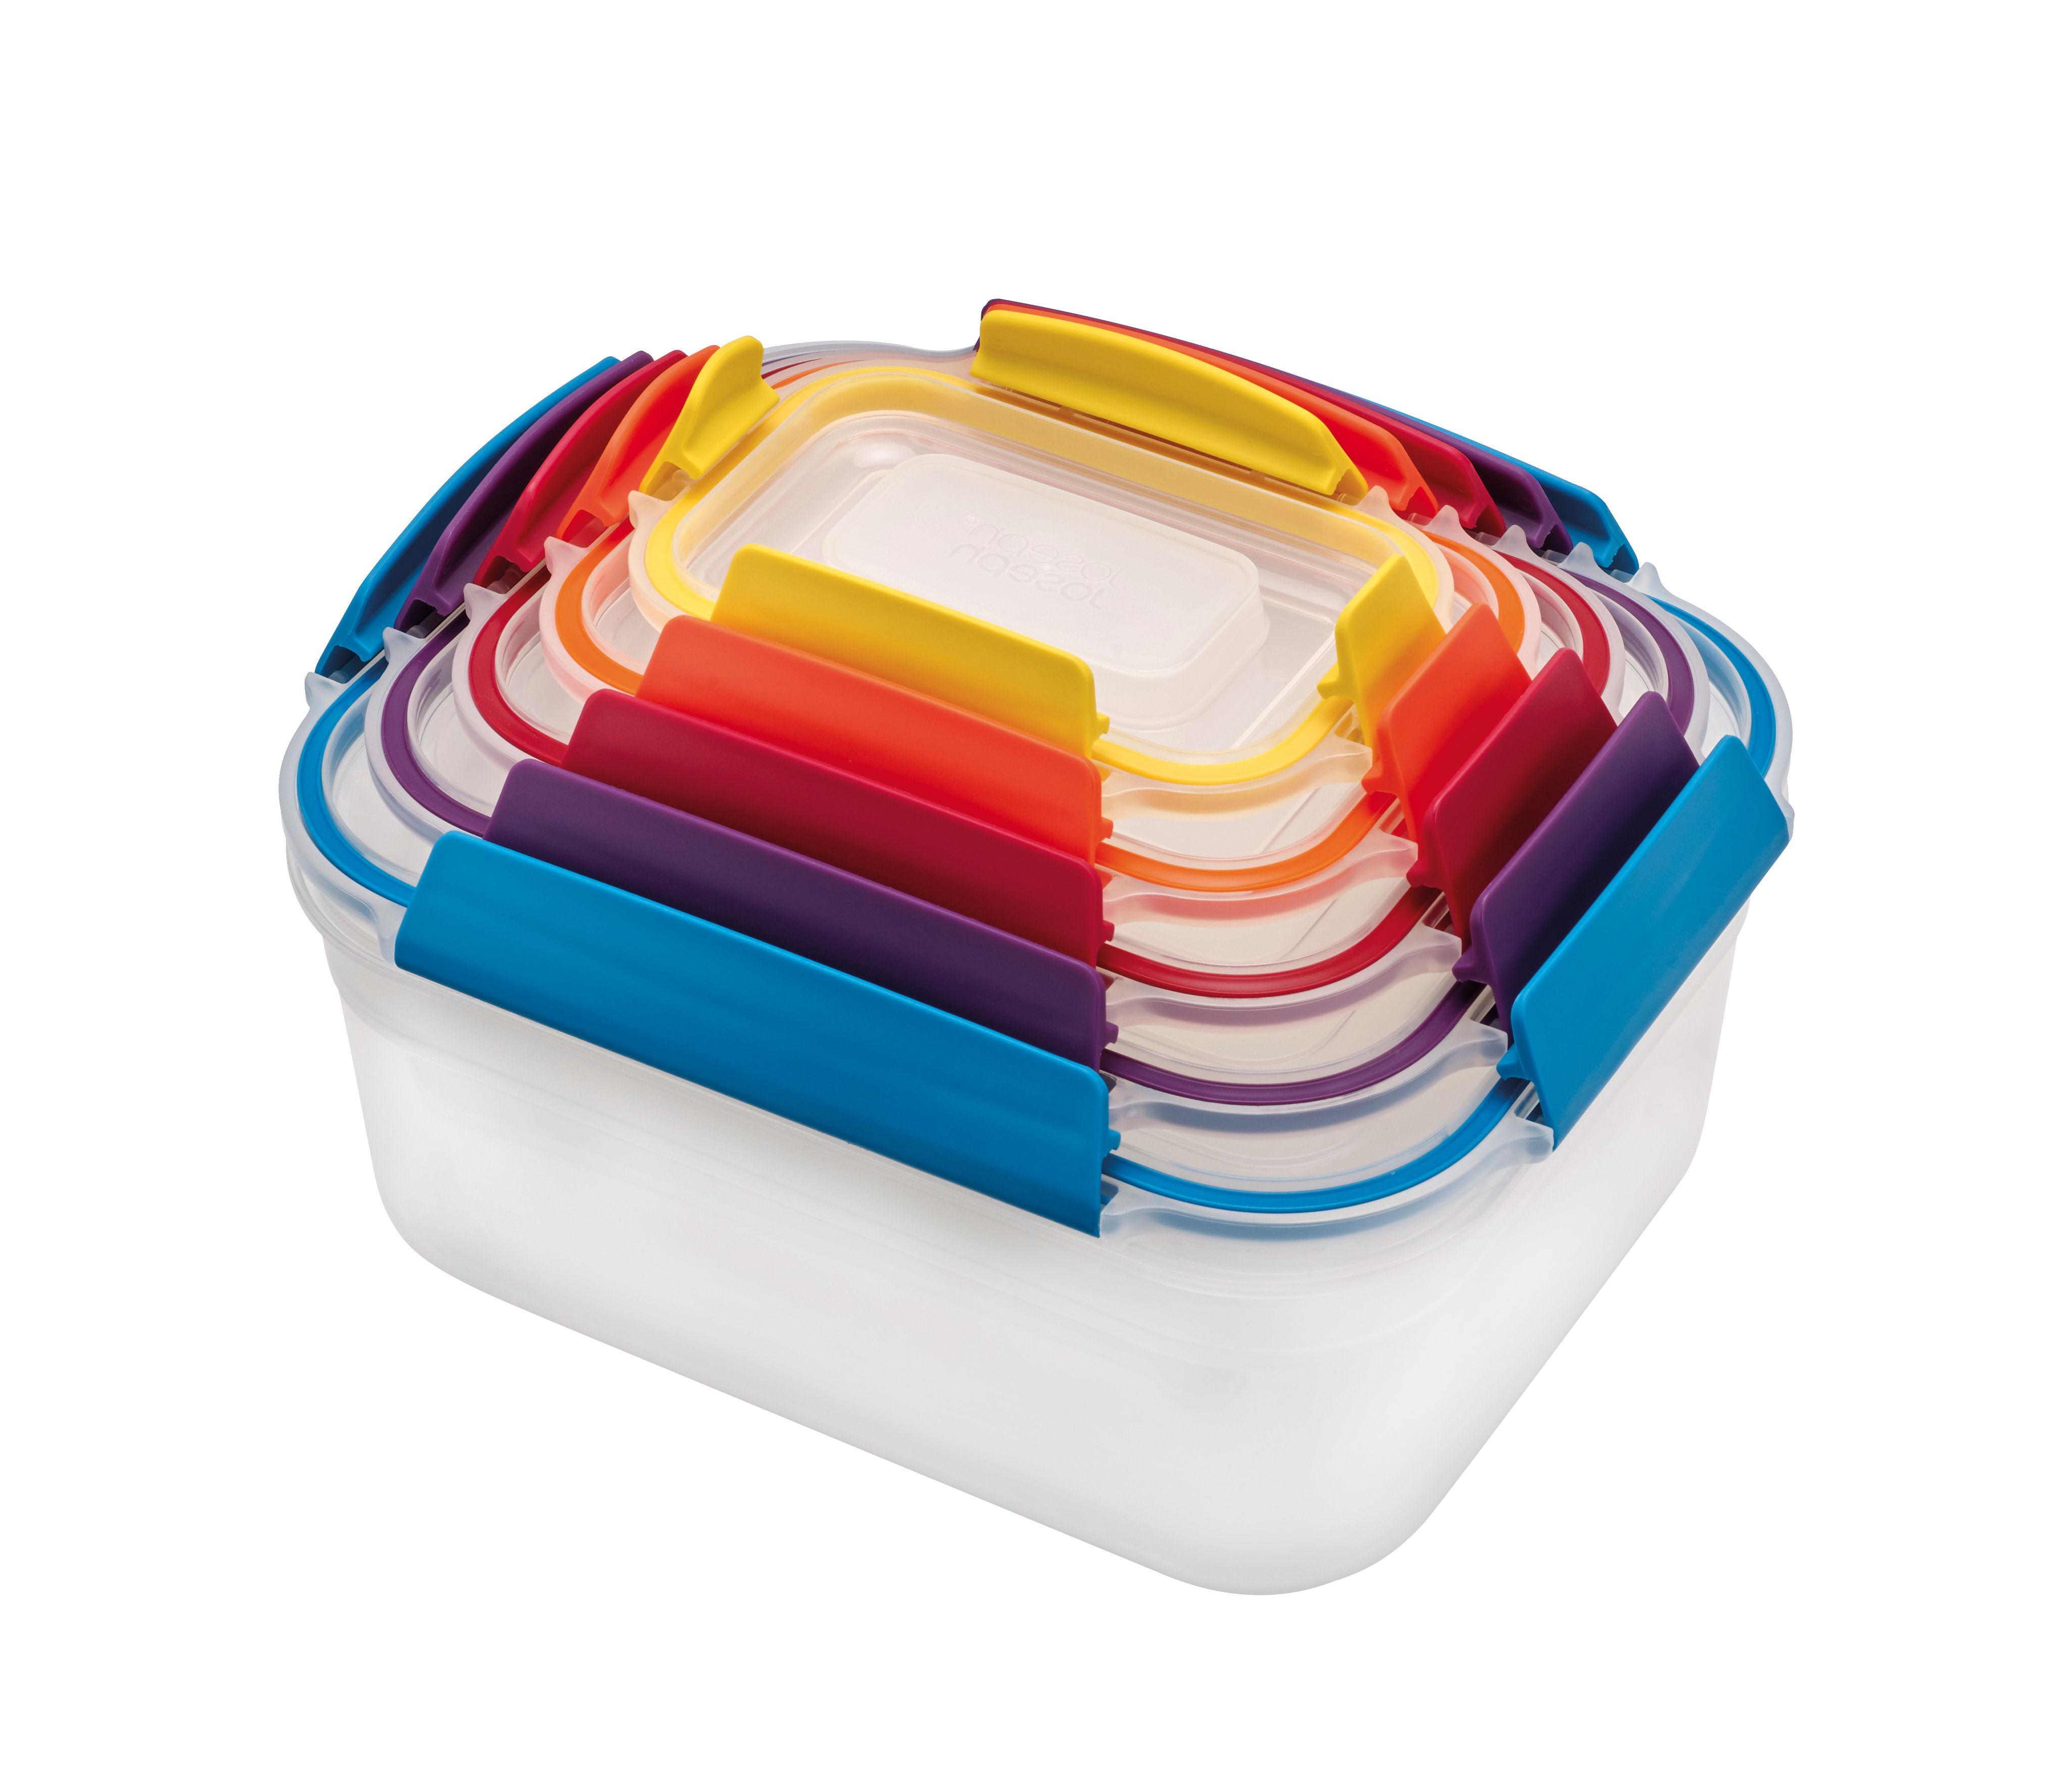 Cuisine - Boîtes, pots et bocaux - Boîte hermétique Nest Lock / Set de 5 emboitables - Multi-tailles - Joseph Joseph - 5 boîtes / Multicolore - Plastique sans BPA